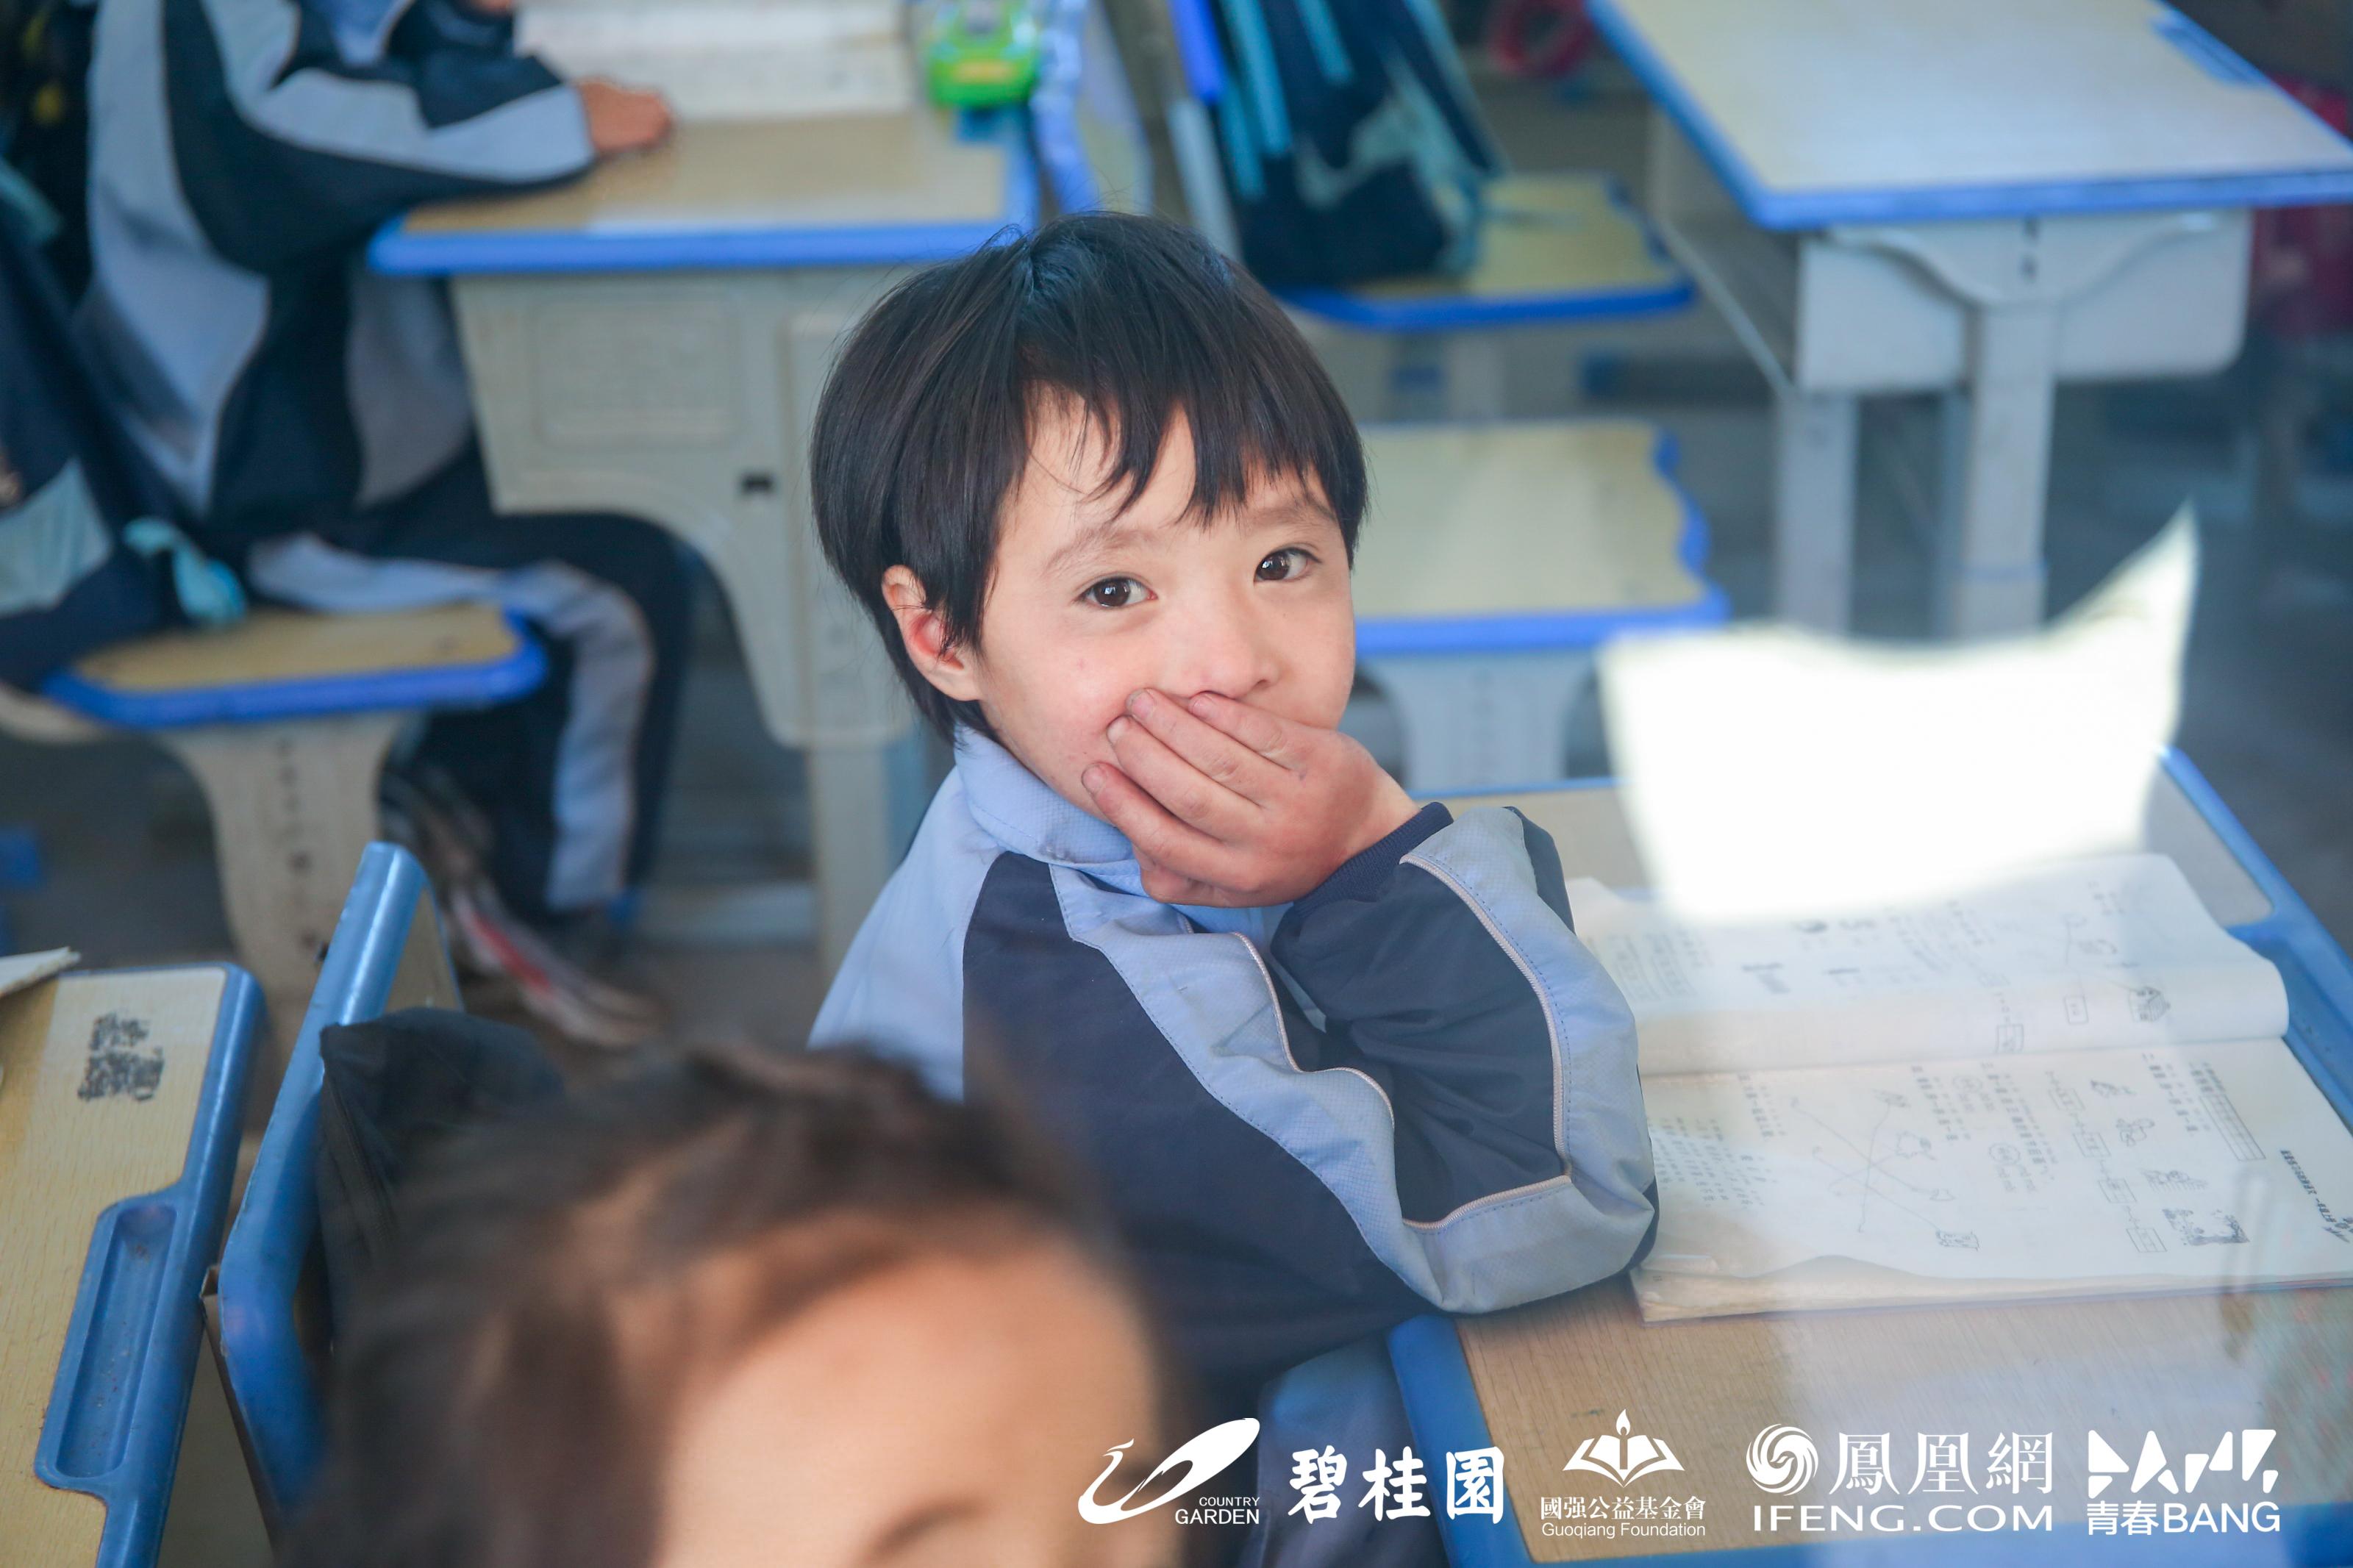 龙泉学校教室里望向窗外的孩子